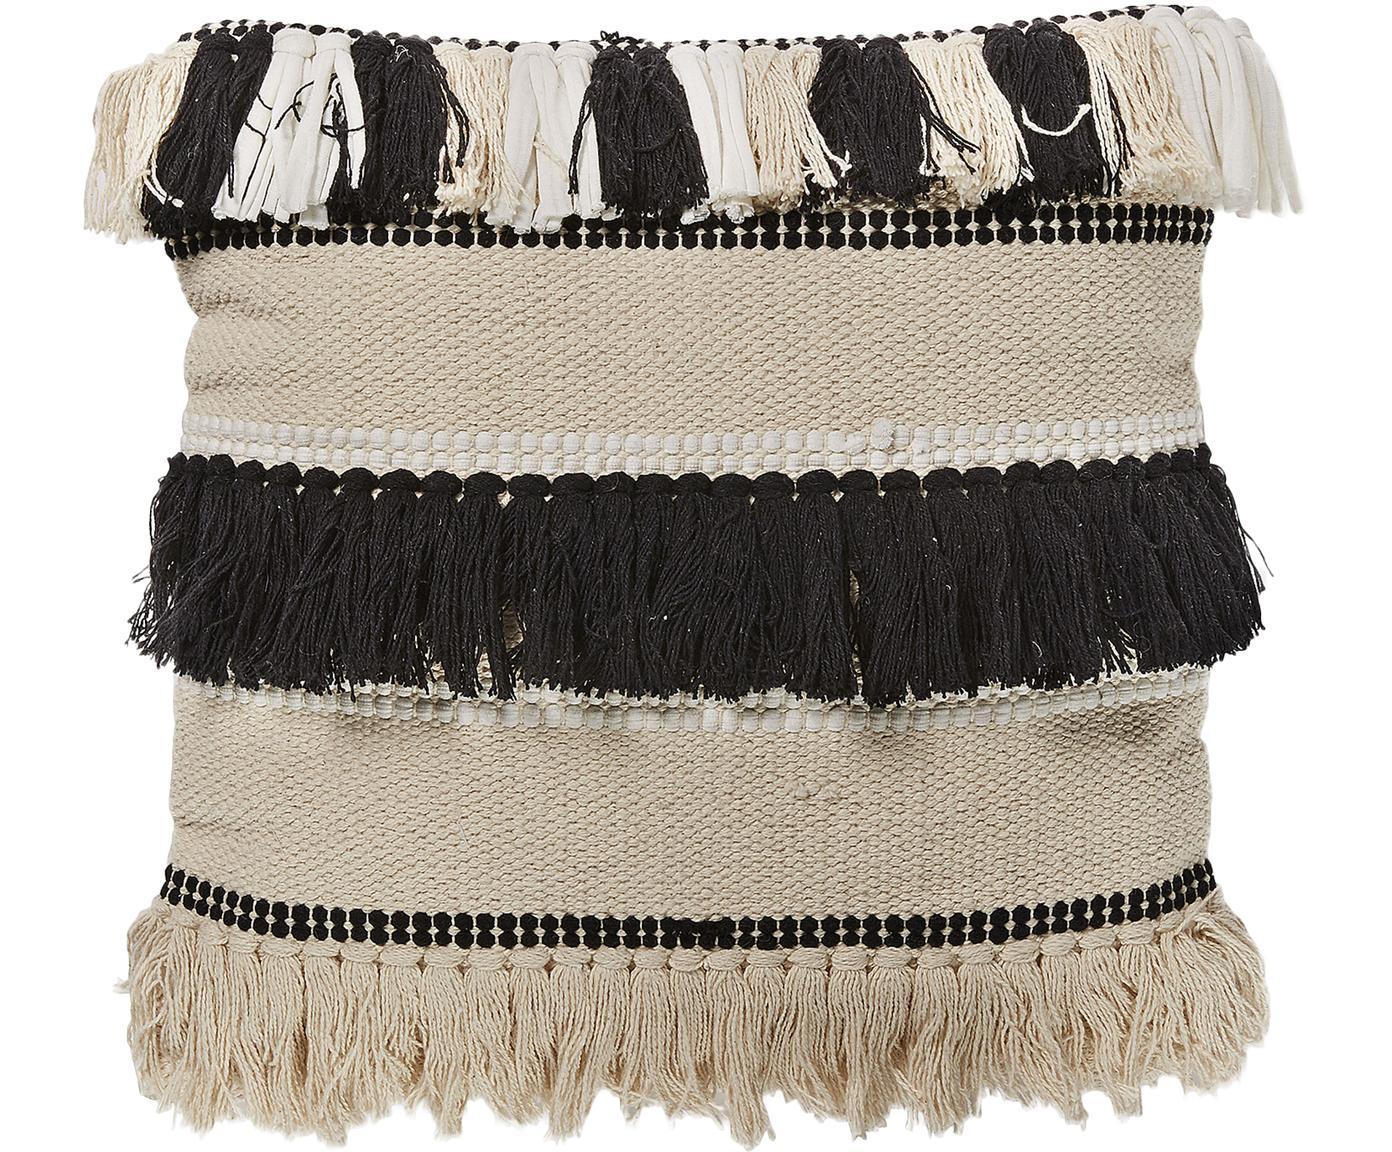 Federa Boho in cotone con frange Franny, Cotone, Bianco, ecru, nero, Larg. 45 x Lung. 45 cm